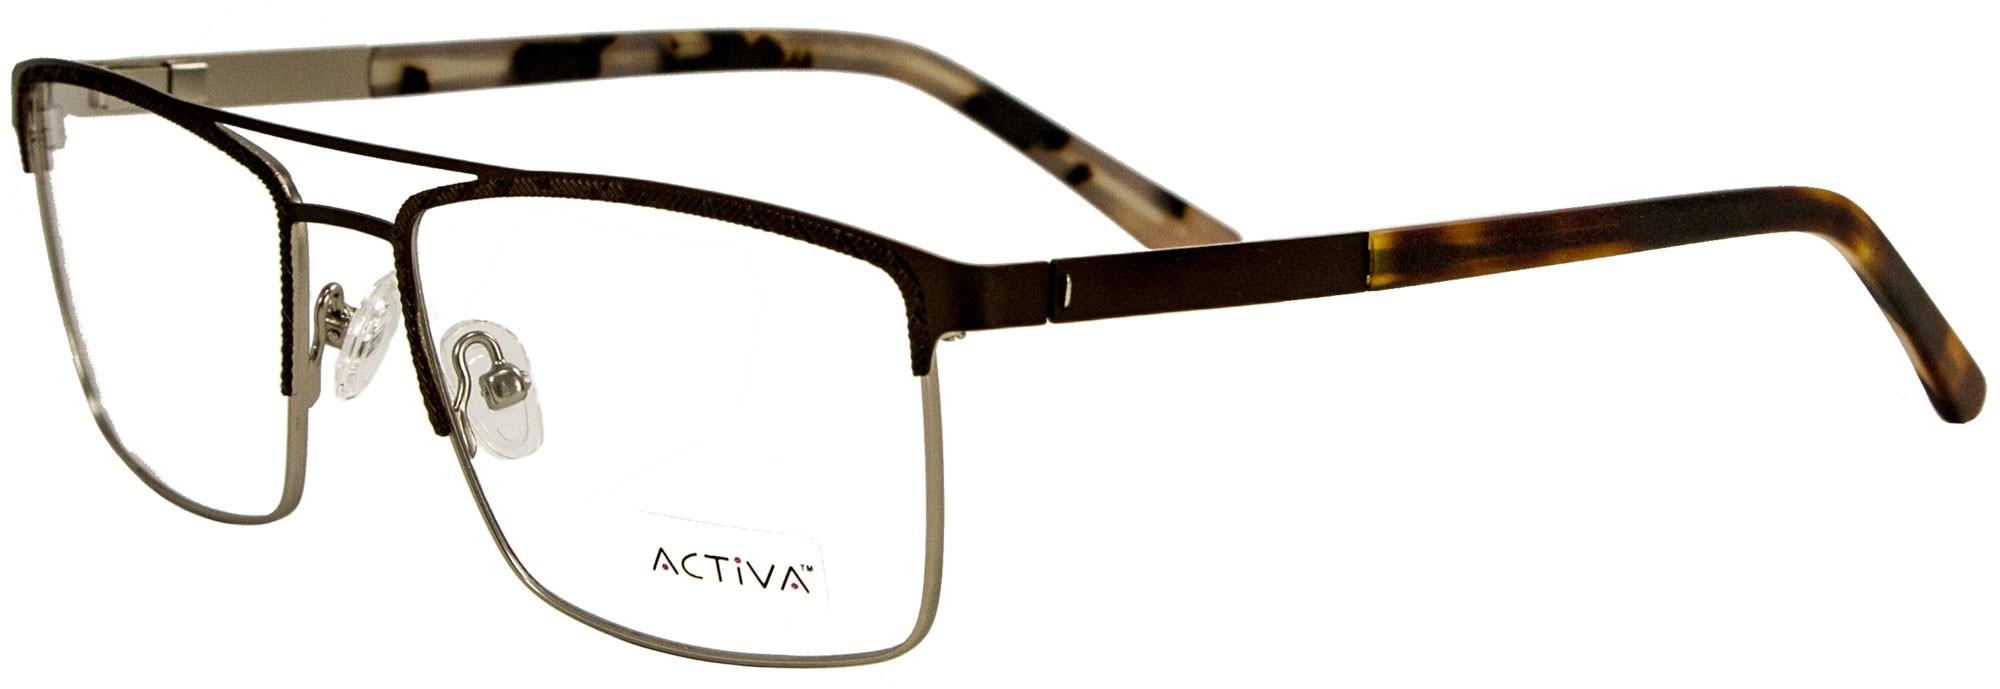 Activa 9544 C4 2